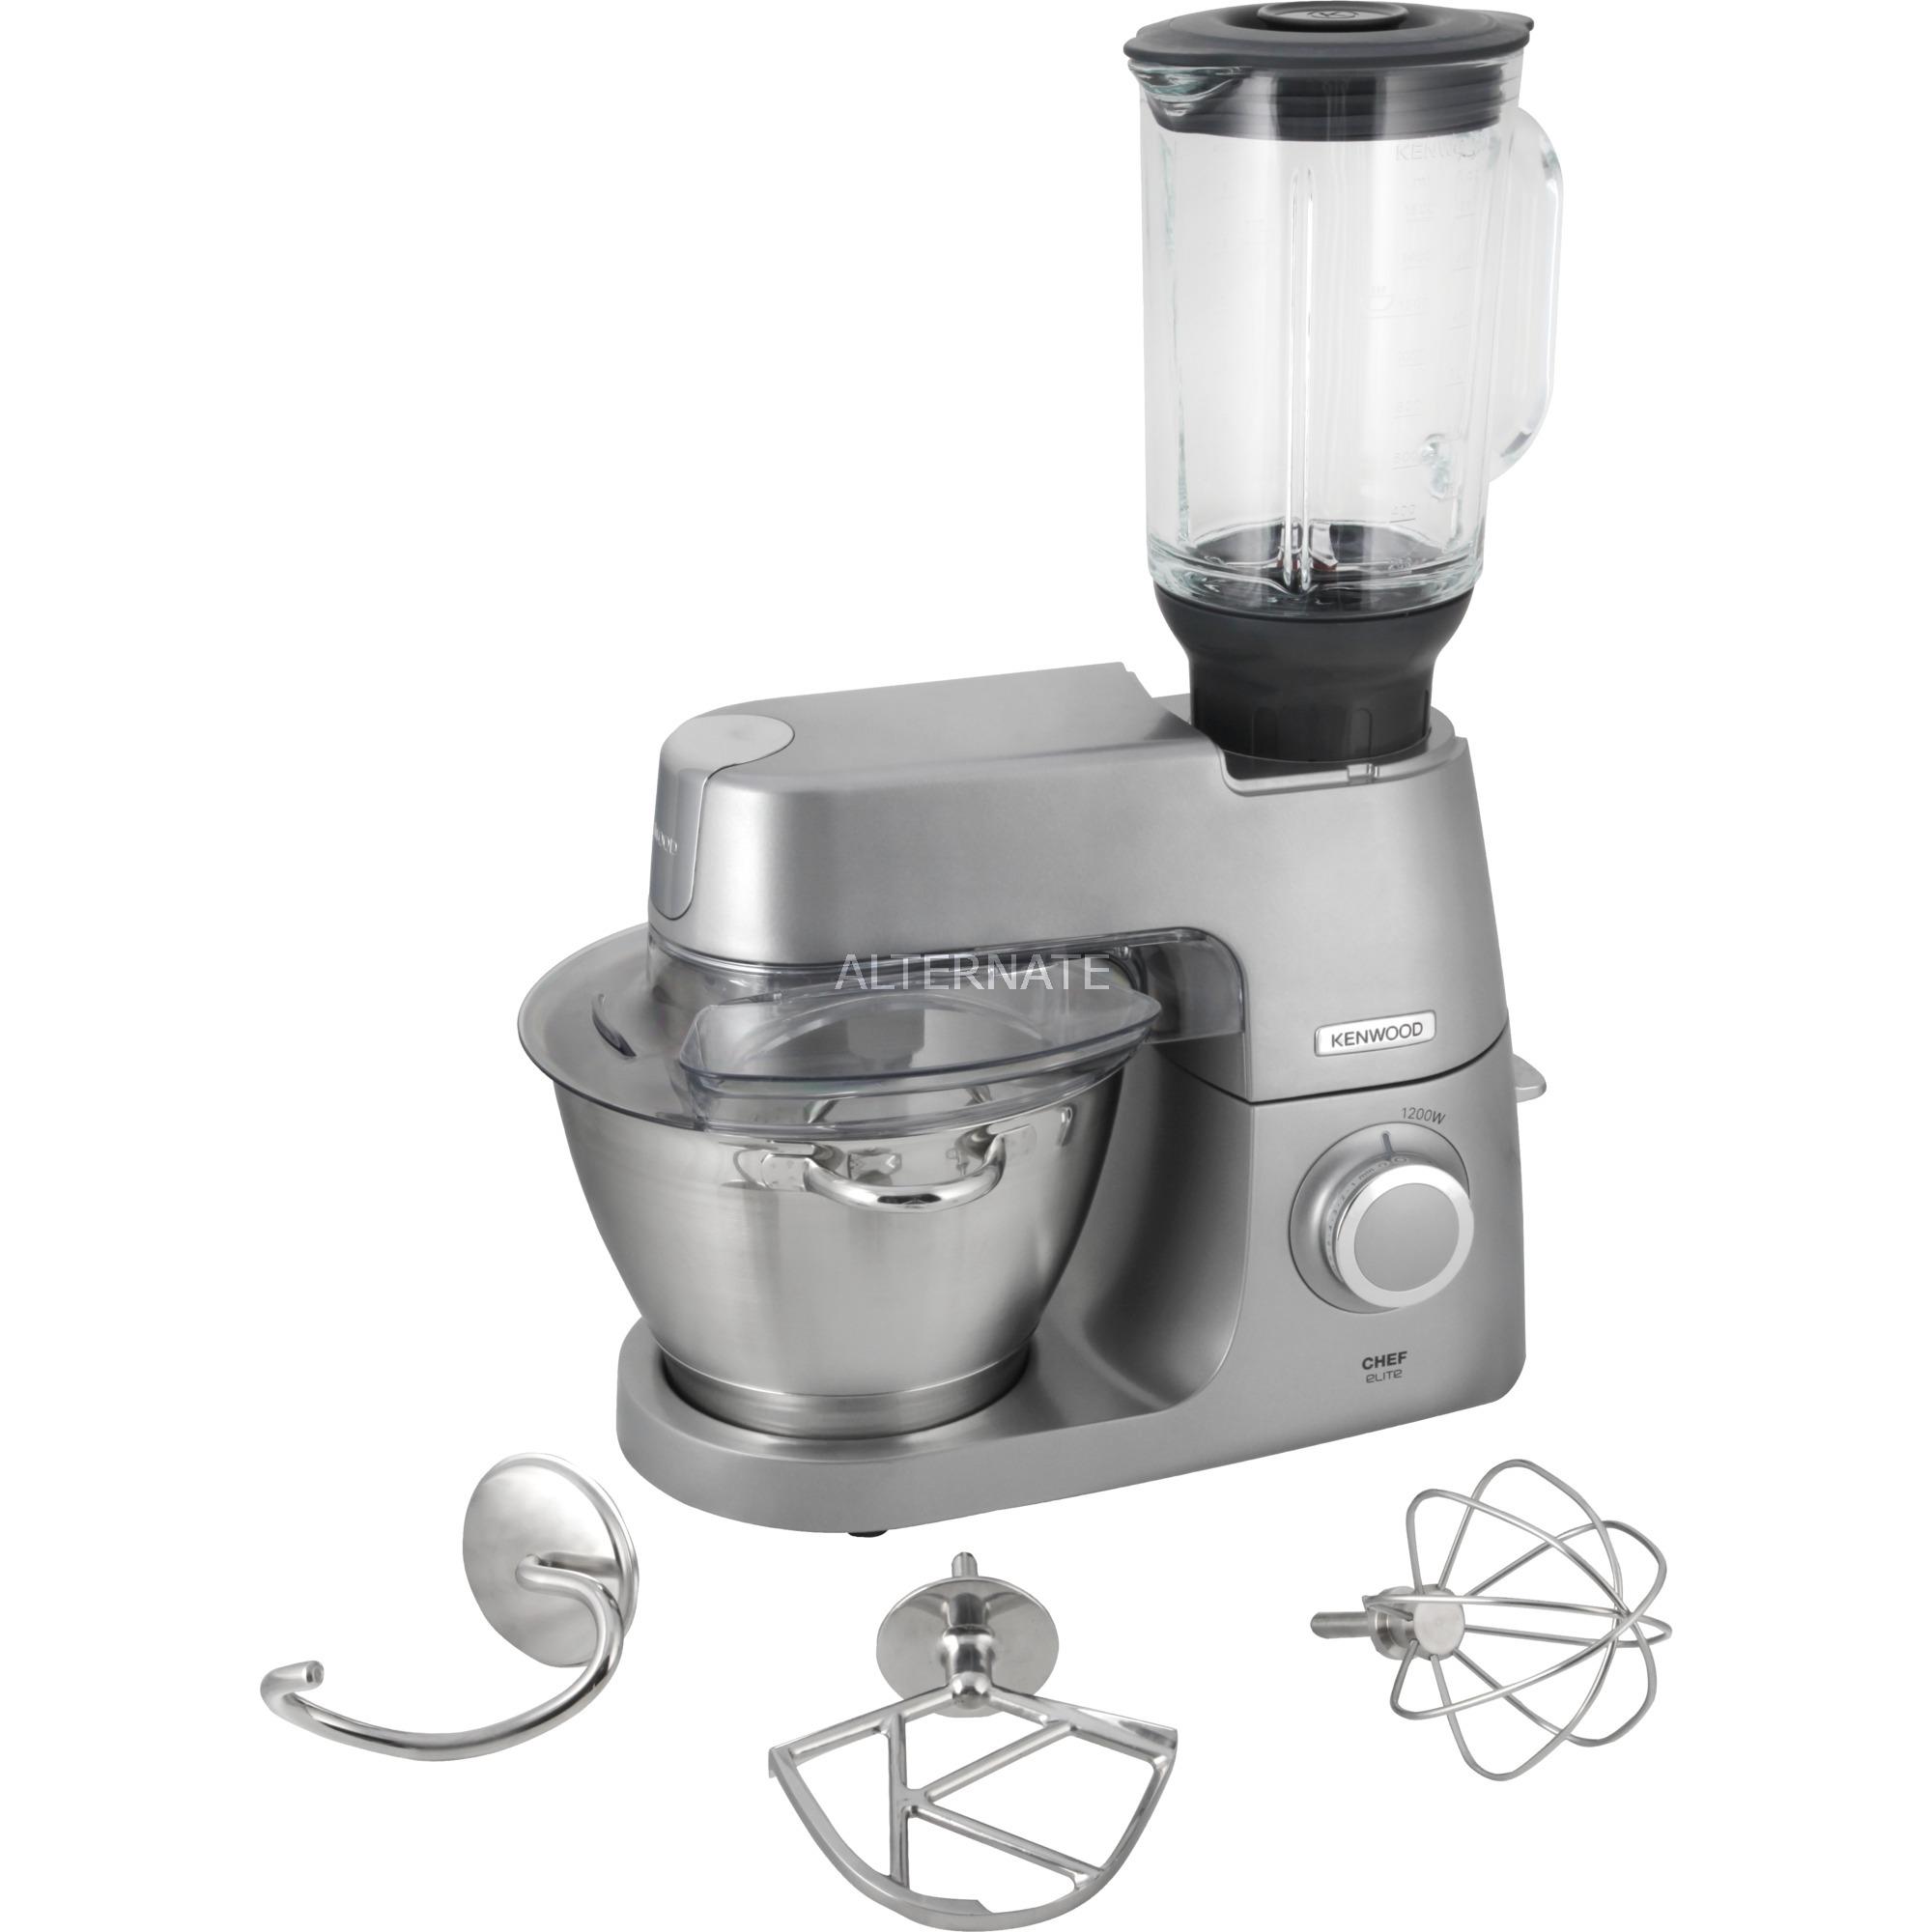 Chef Elite 1200W 4.6L Metálico robot de cocina